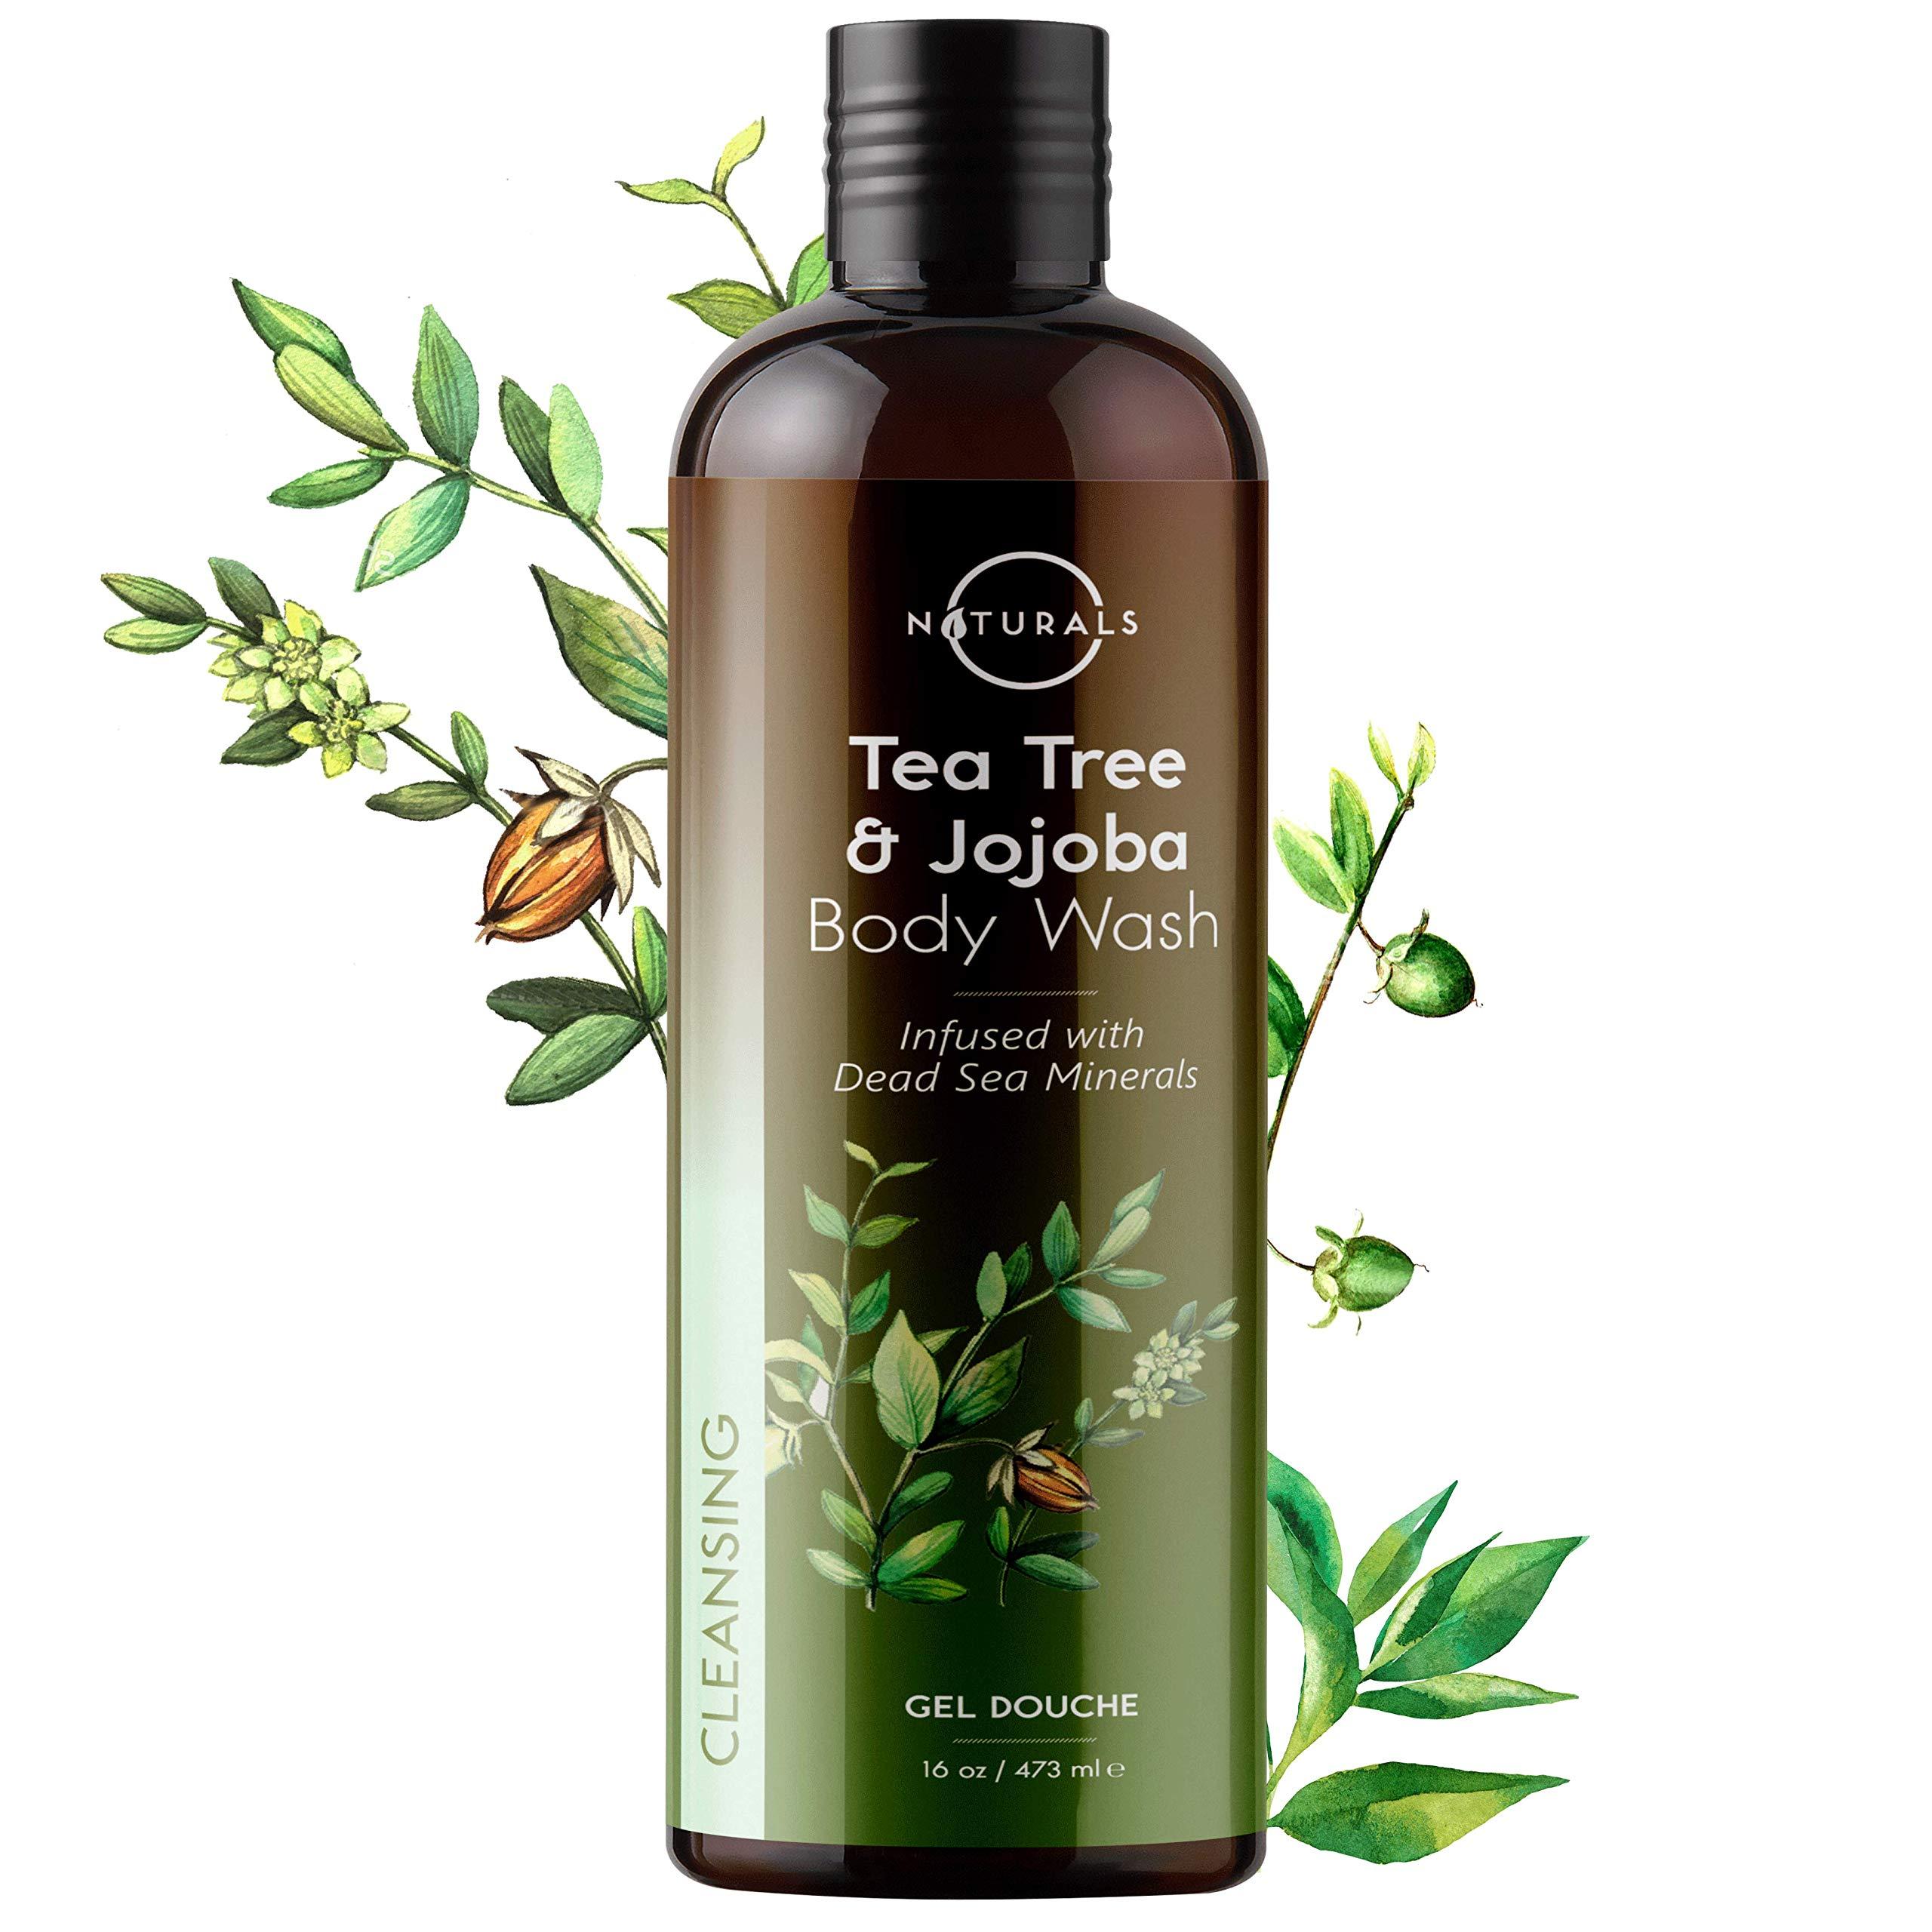 O Naturals Tea Tree Oil Foot & Body Wash (16 oz) Treats